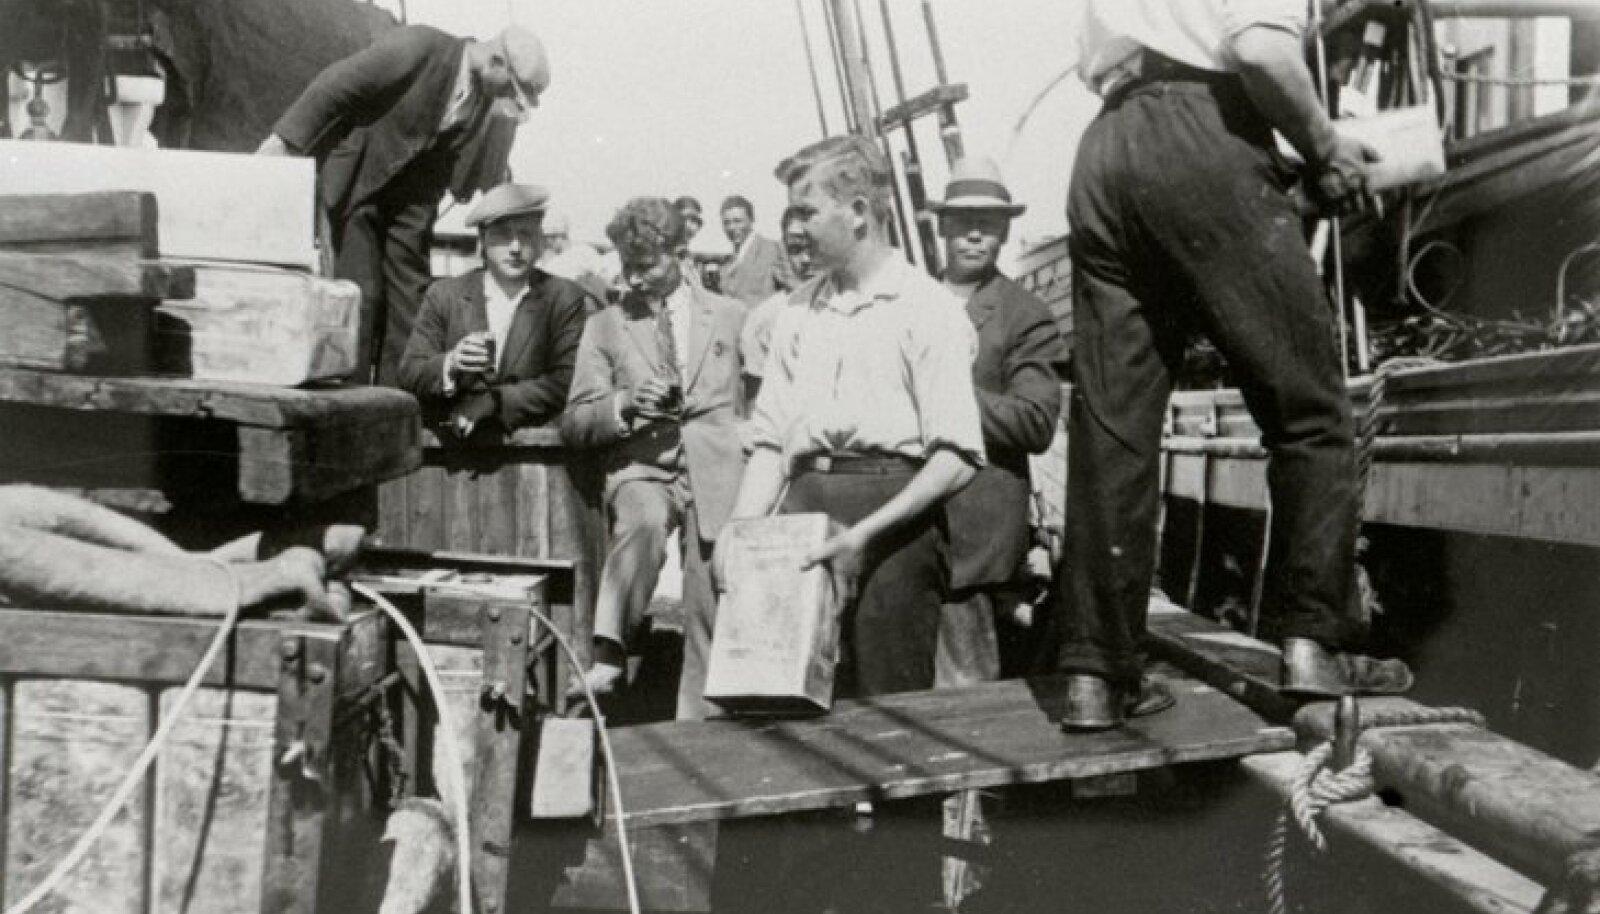 Inimsmugeldamine sai alguse 1940. aastal, kui nõukogude võim keelas kaluritel merel kala püüda, kuid osaliselt ulatuvad selle traditsioonid ka salapiirituse vedamise aega. Fotol eestlastest piiritusevedajad enne sõda piiritust paatidesse laadimas.